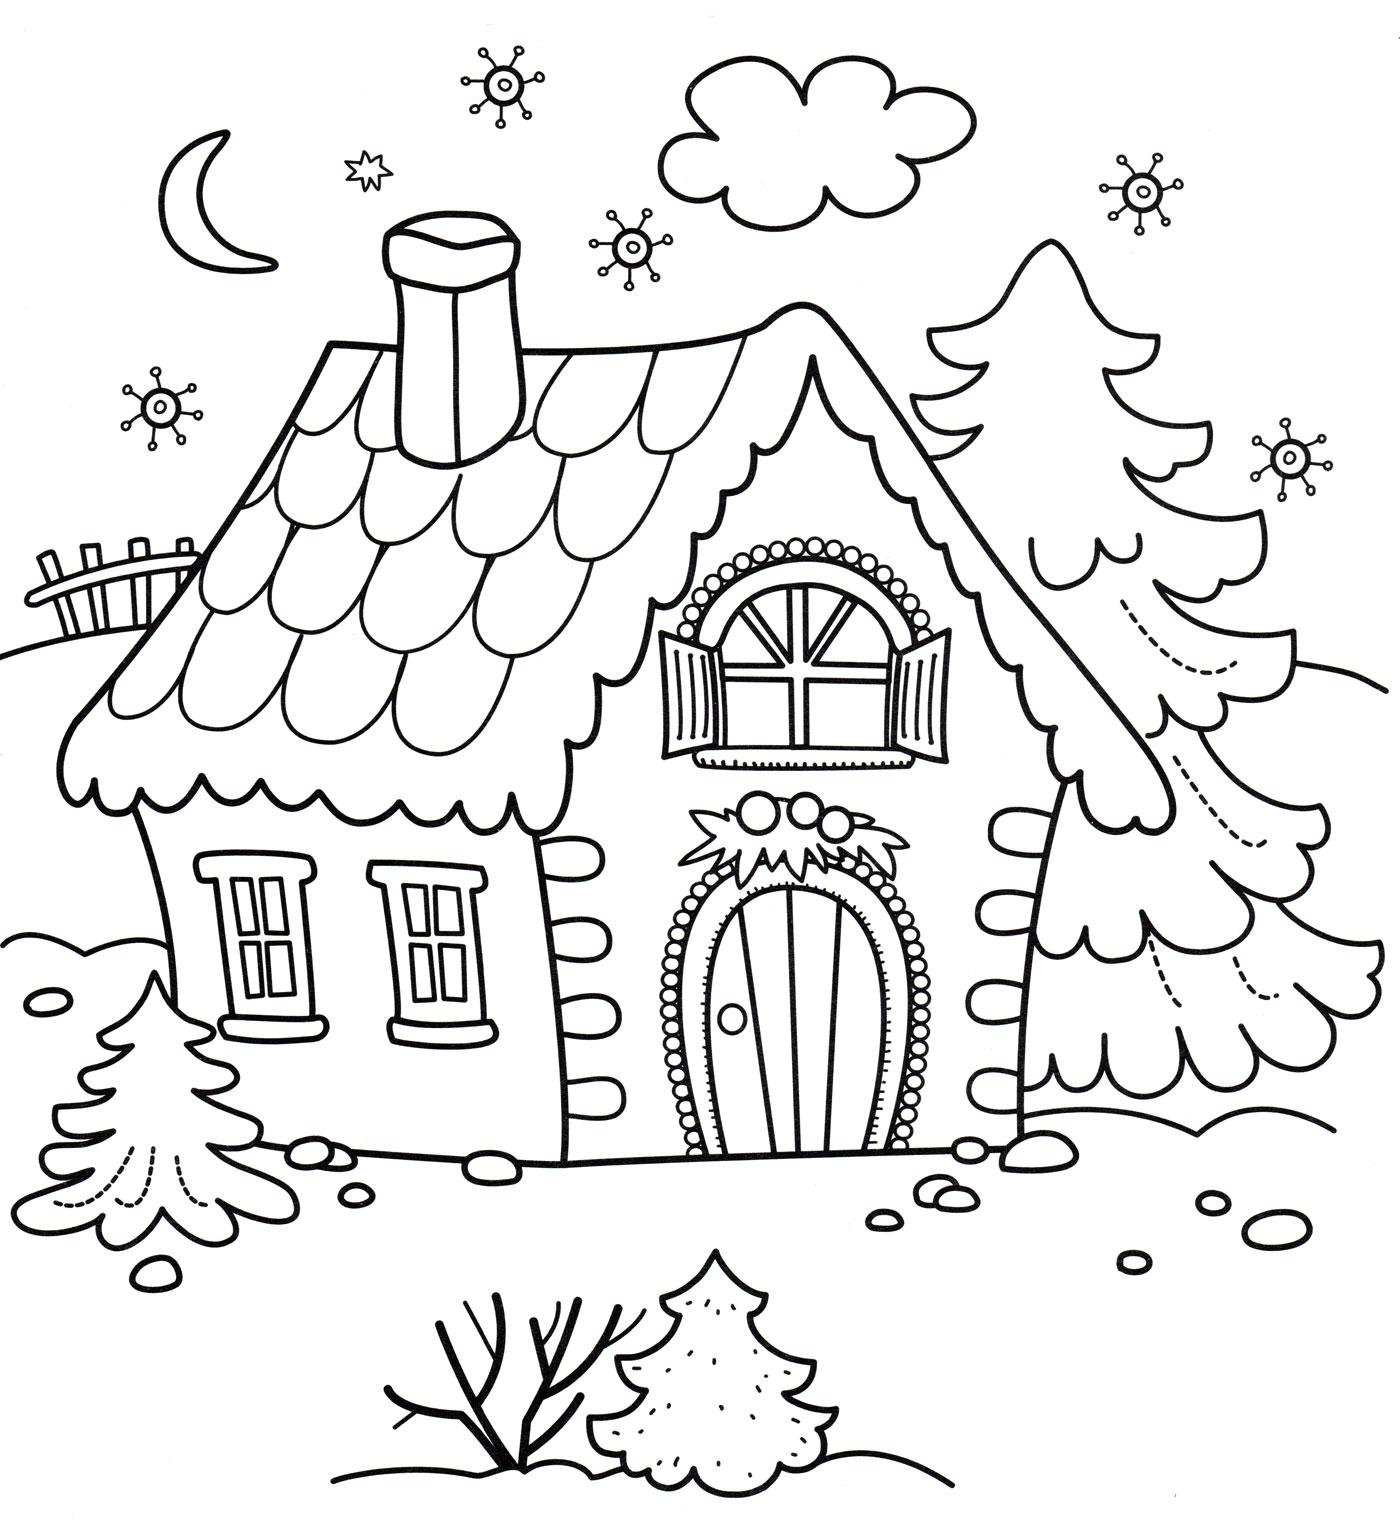 Картинка домик для раскрашивания